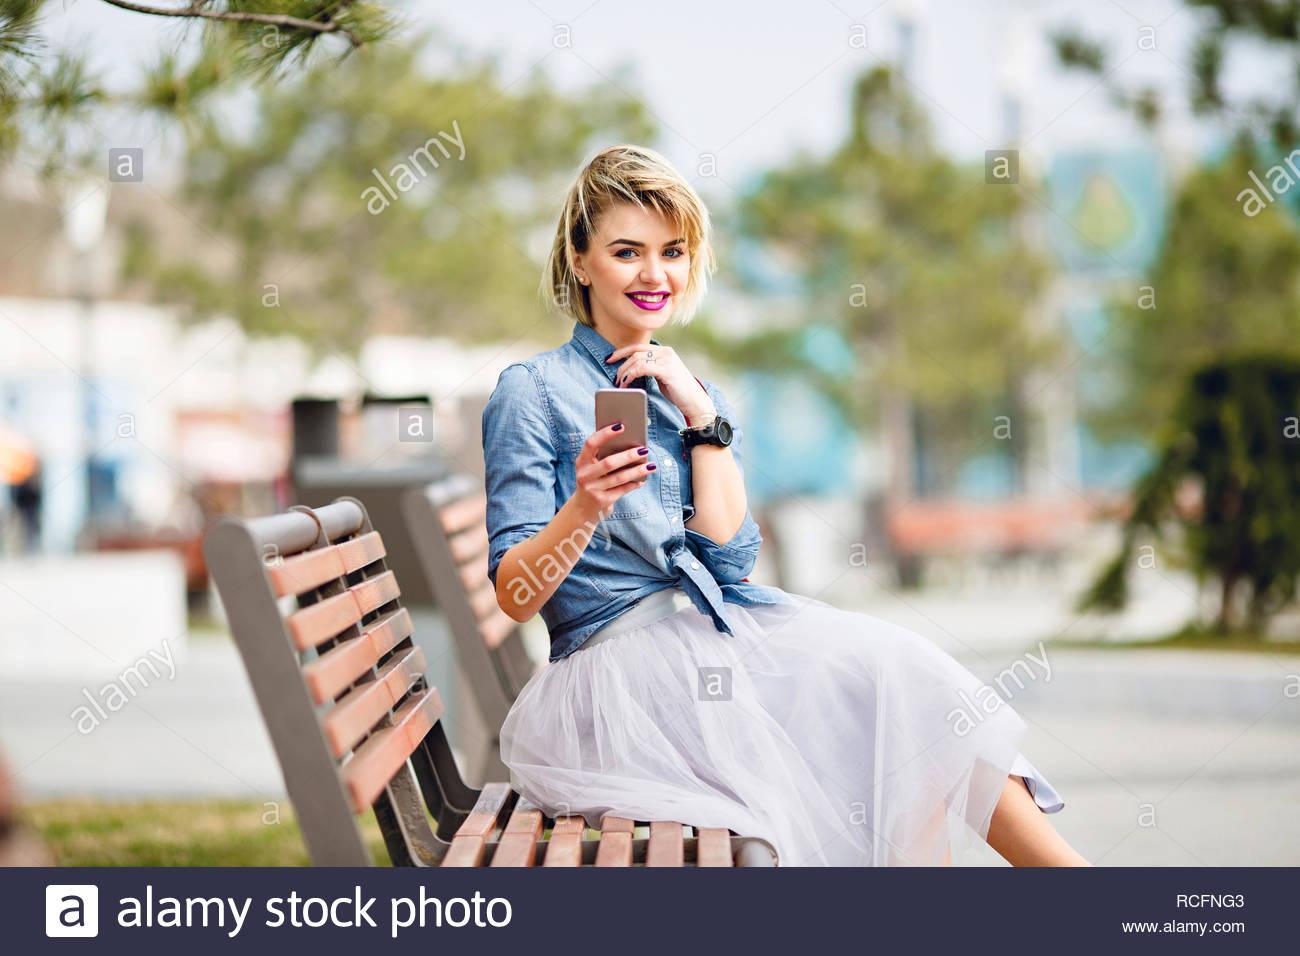 jeune fille blonde aux cheveux courts assise sur un banc. Black Bedroom Furniture Sets. Home Design Ideas